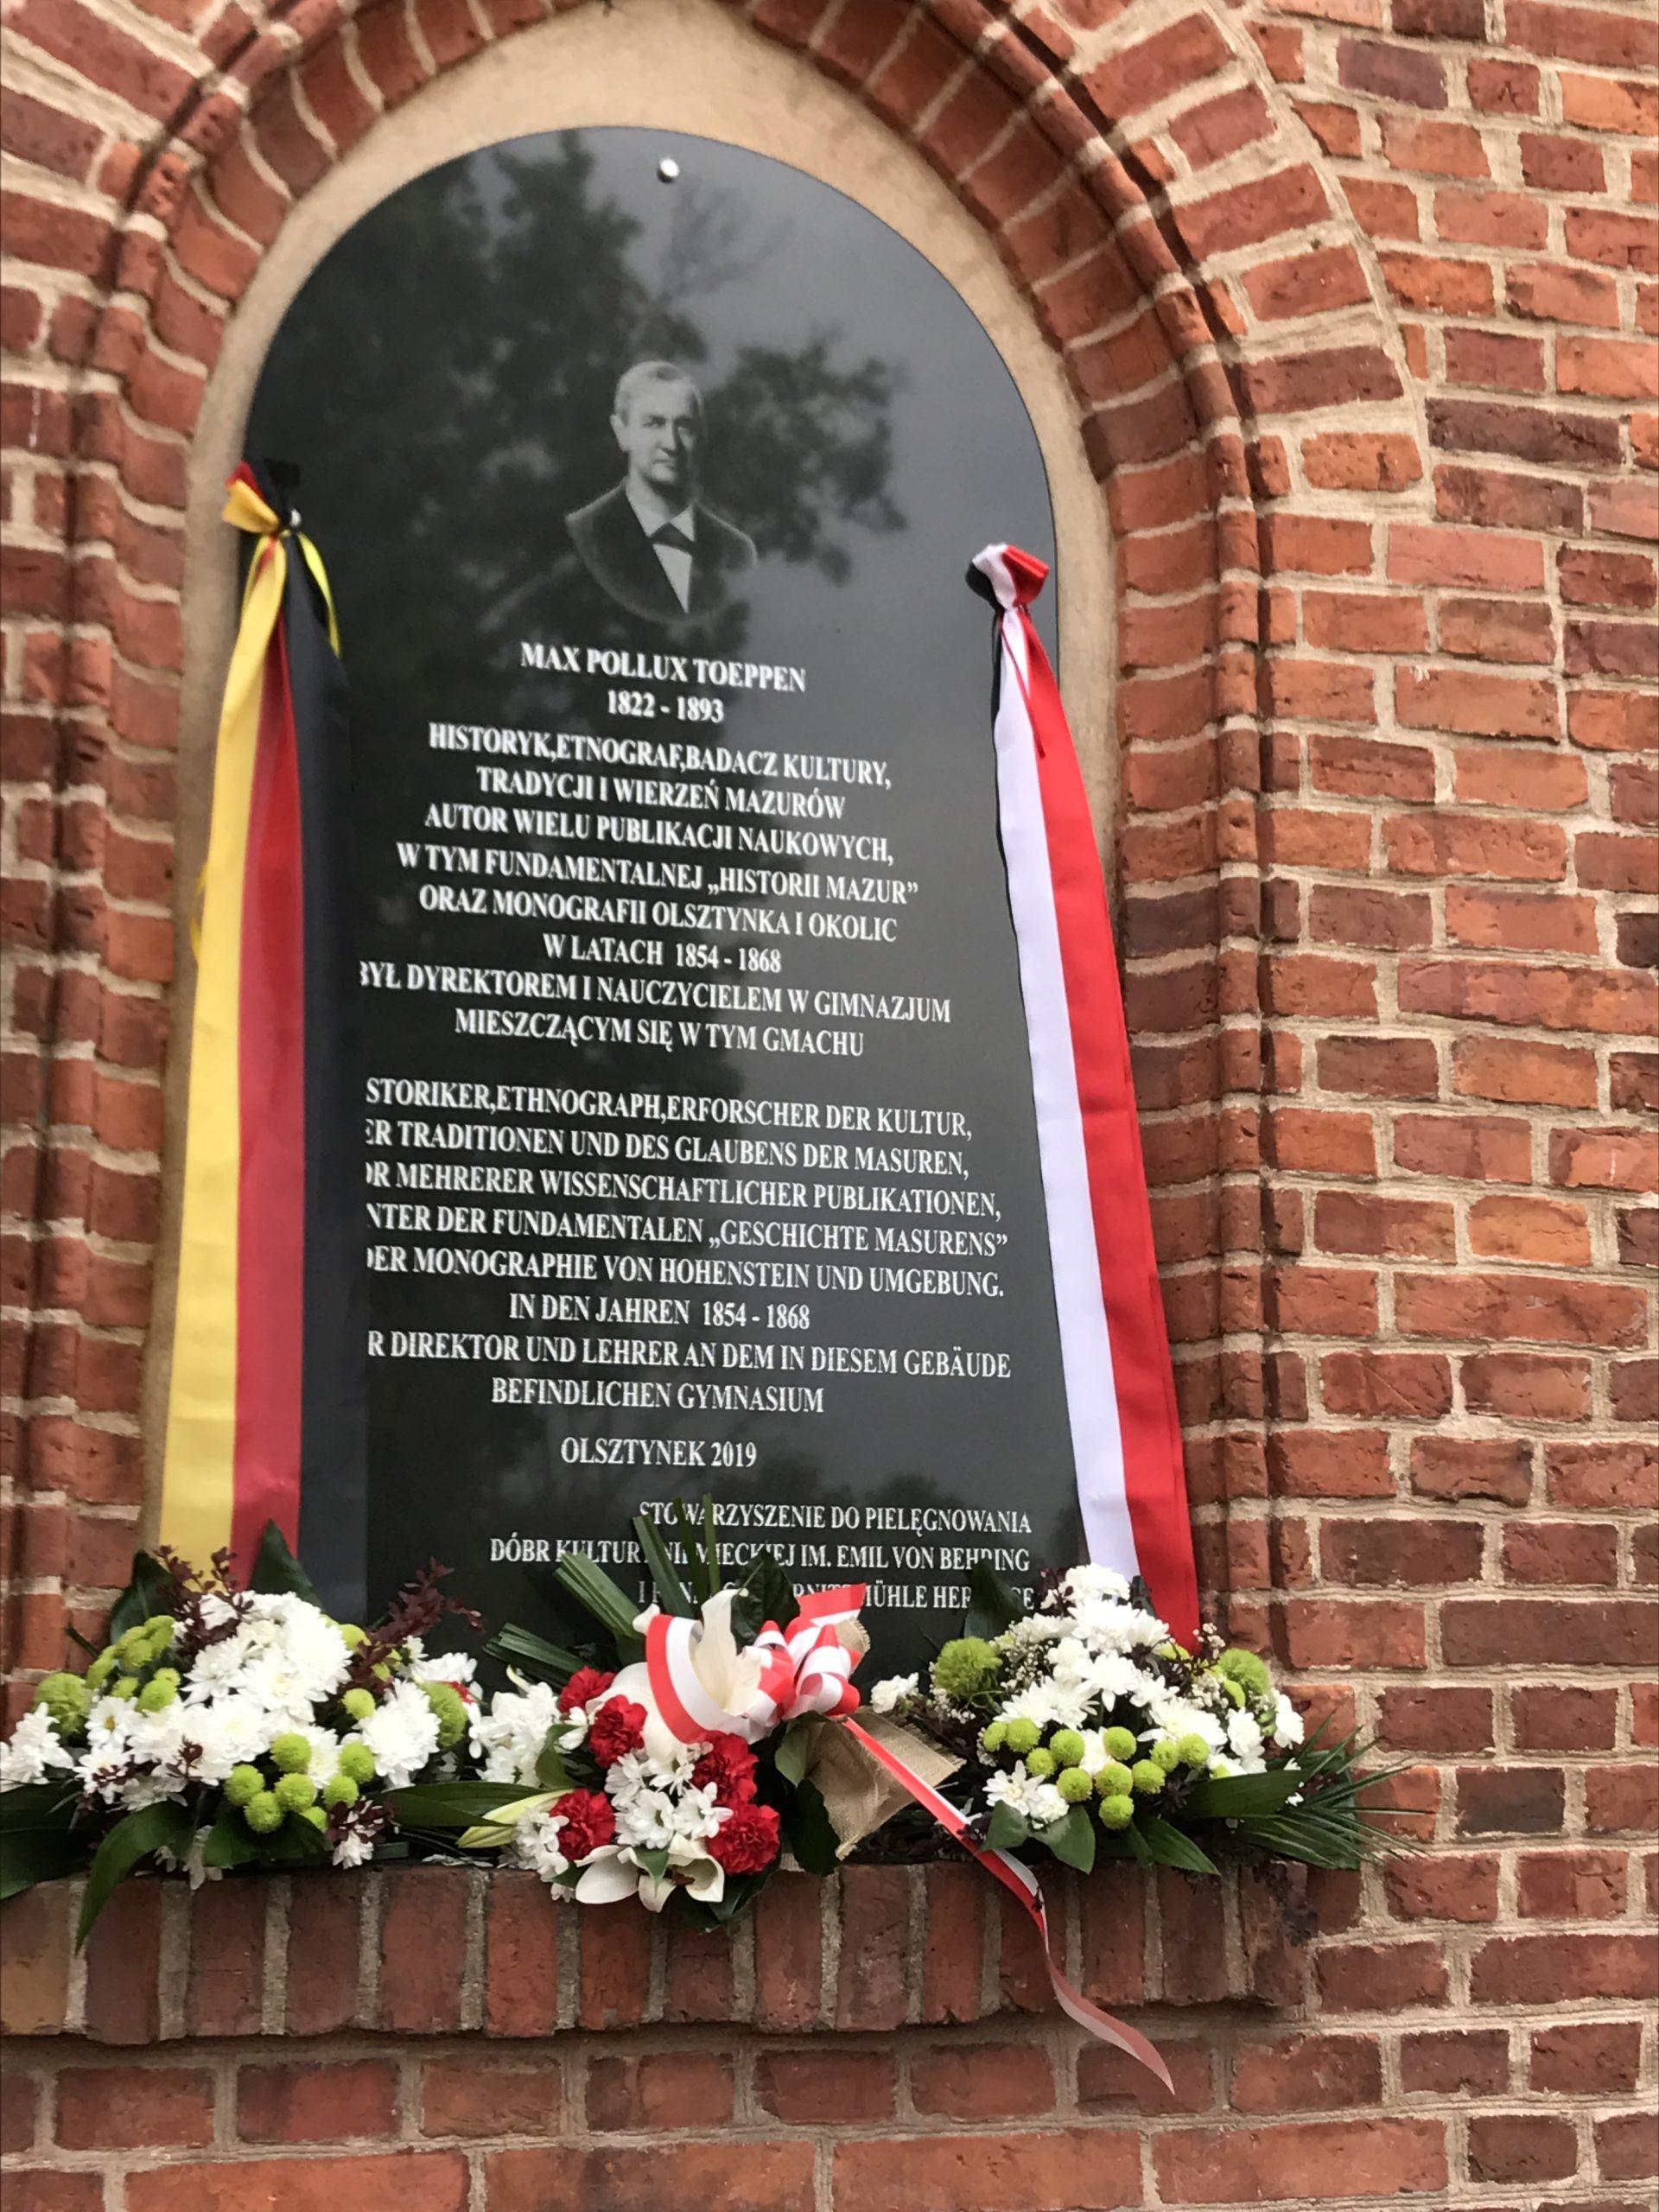 Tablica pamięci Maxa Toeppena wmurowana 10.06.2019 r. w Olsztynku